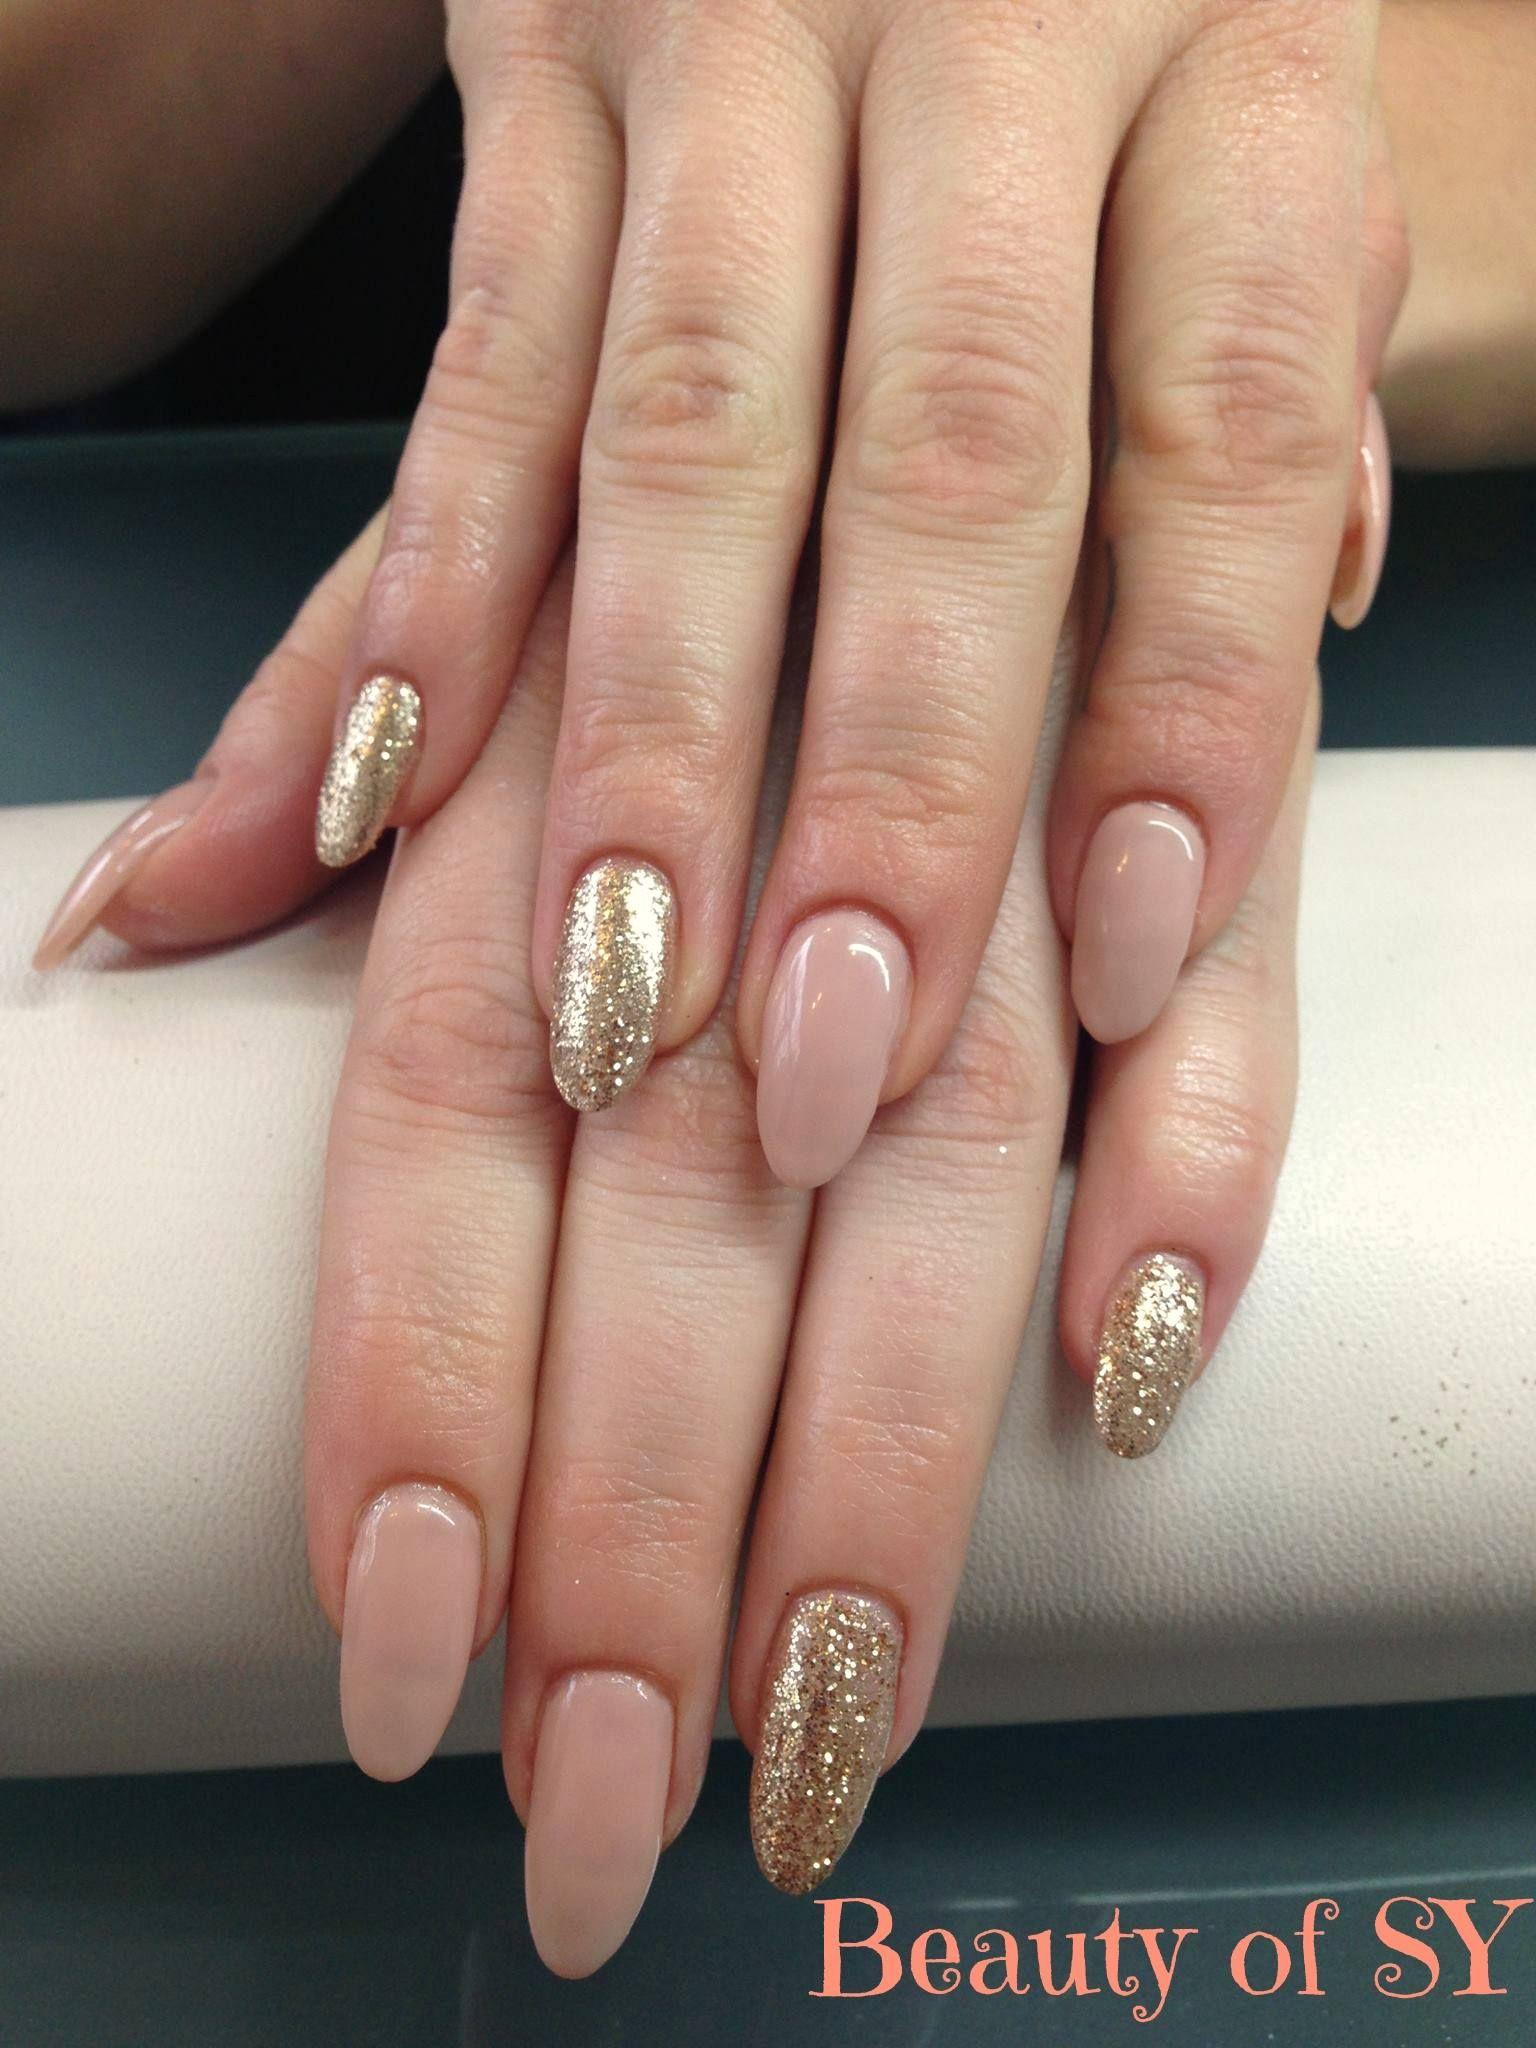 #naglar #Malmö #gellack #gelenaglar #nails #nailart #glitter